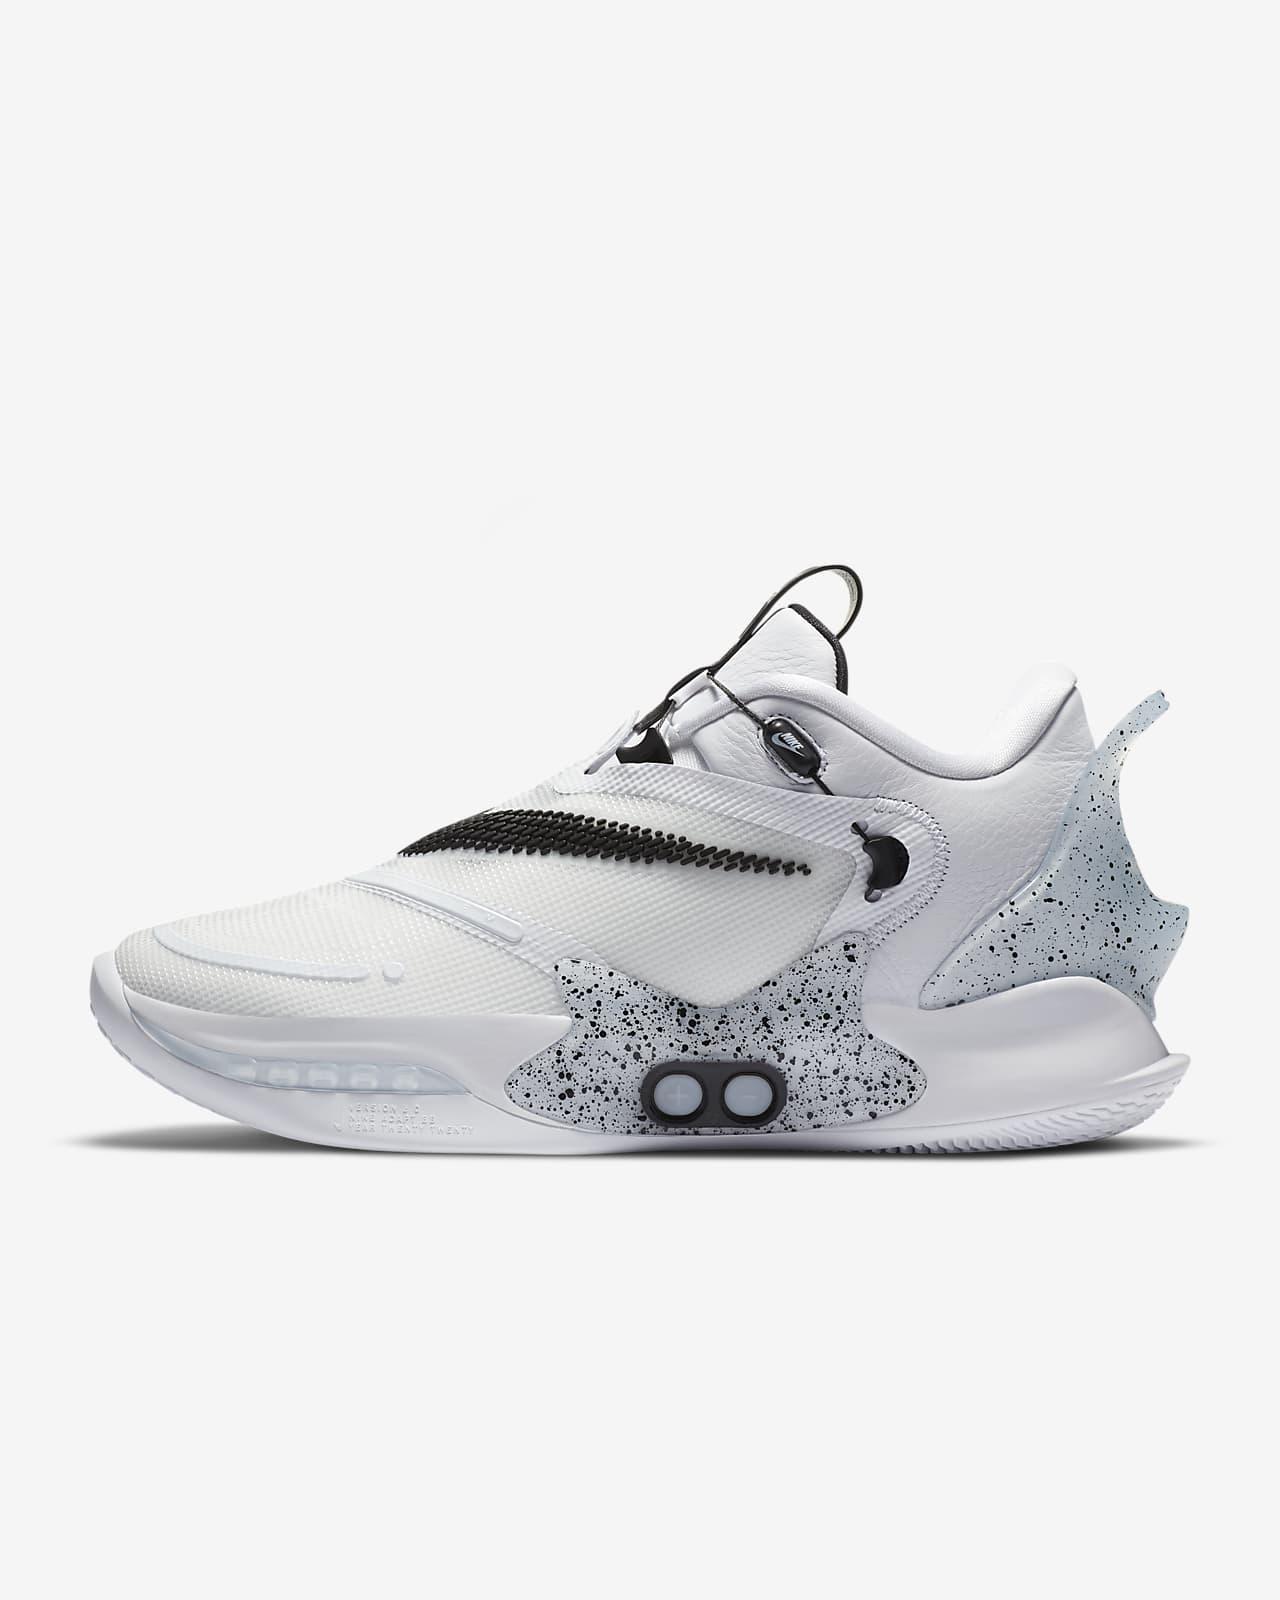 Calzado de básquetbol Nike Adapt BB 2.0